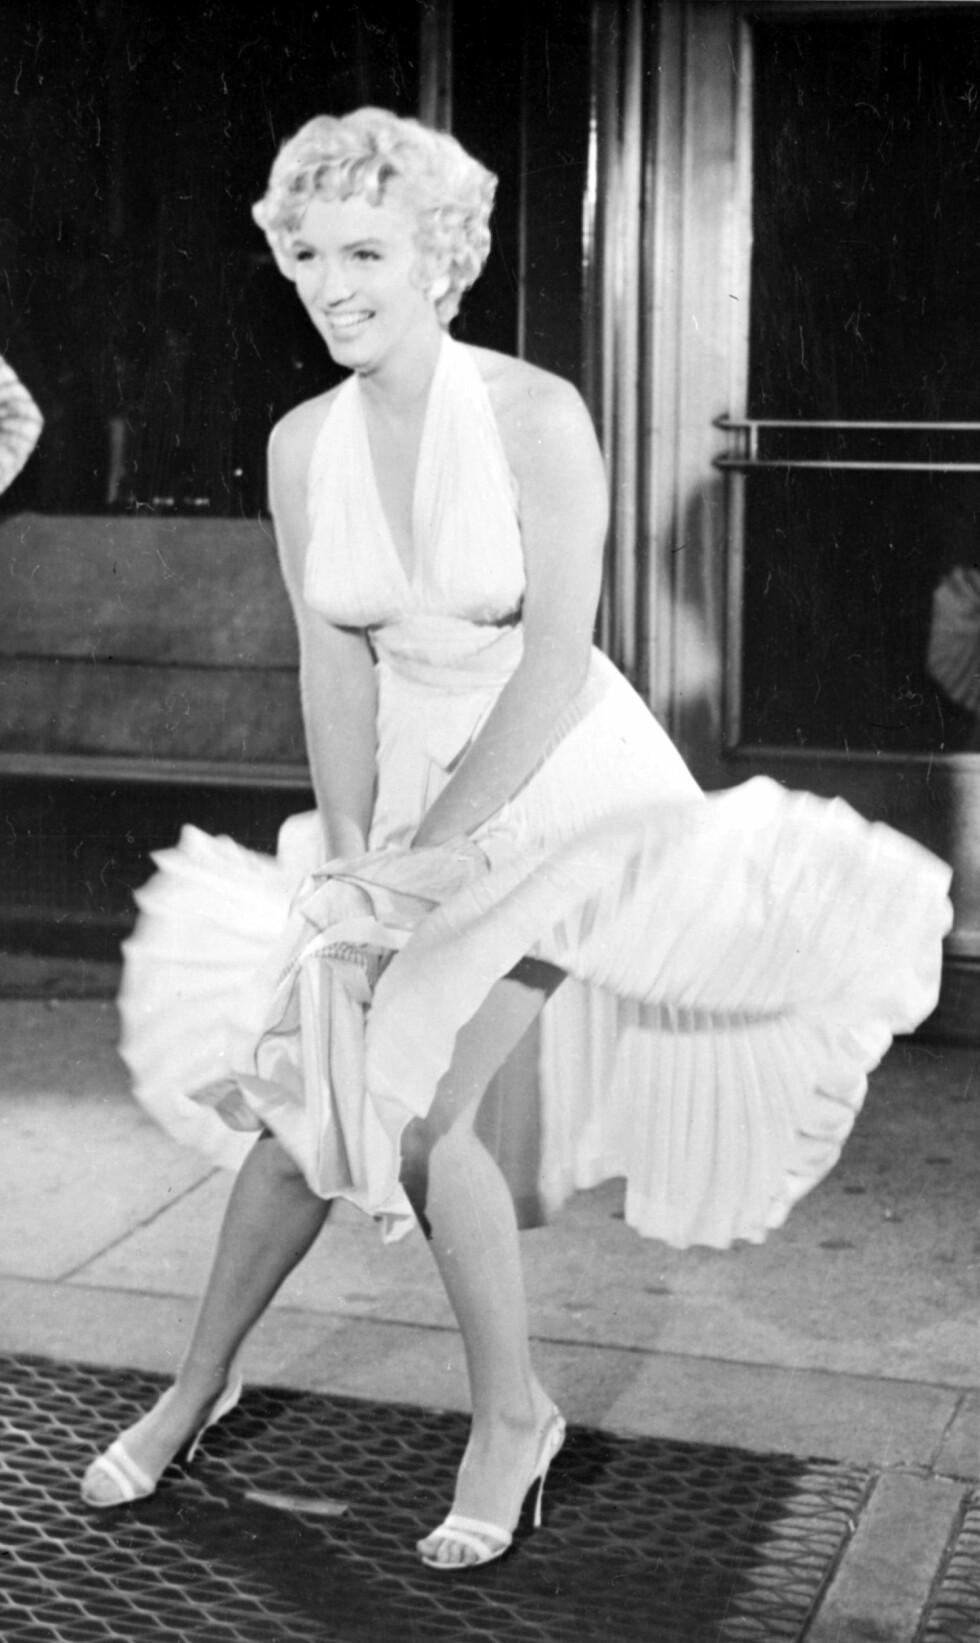 KLASSIKER: Bildet av Marilyn Monroe som opplevde at skjørtet blåste opp da hun stod over en rist med varmluft i 1954, er blitt en del av historien.  Foto: Topfoto